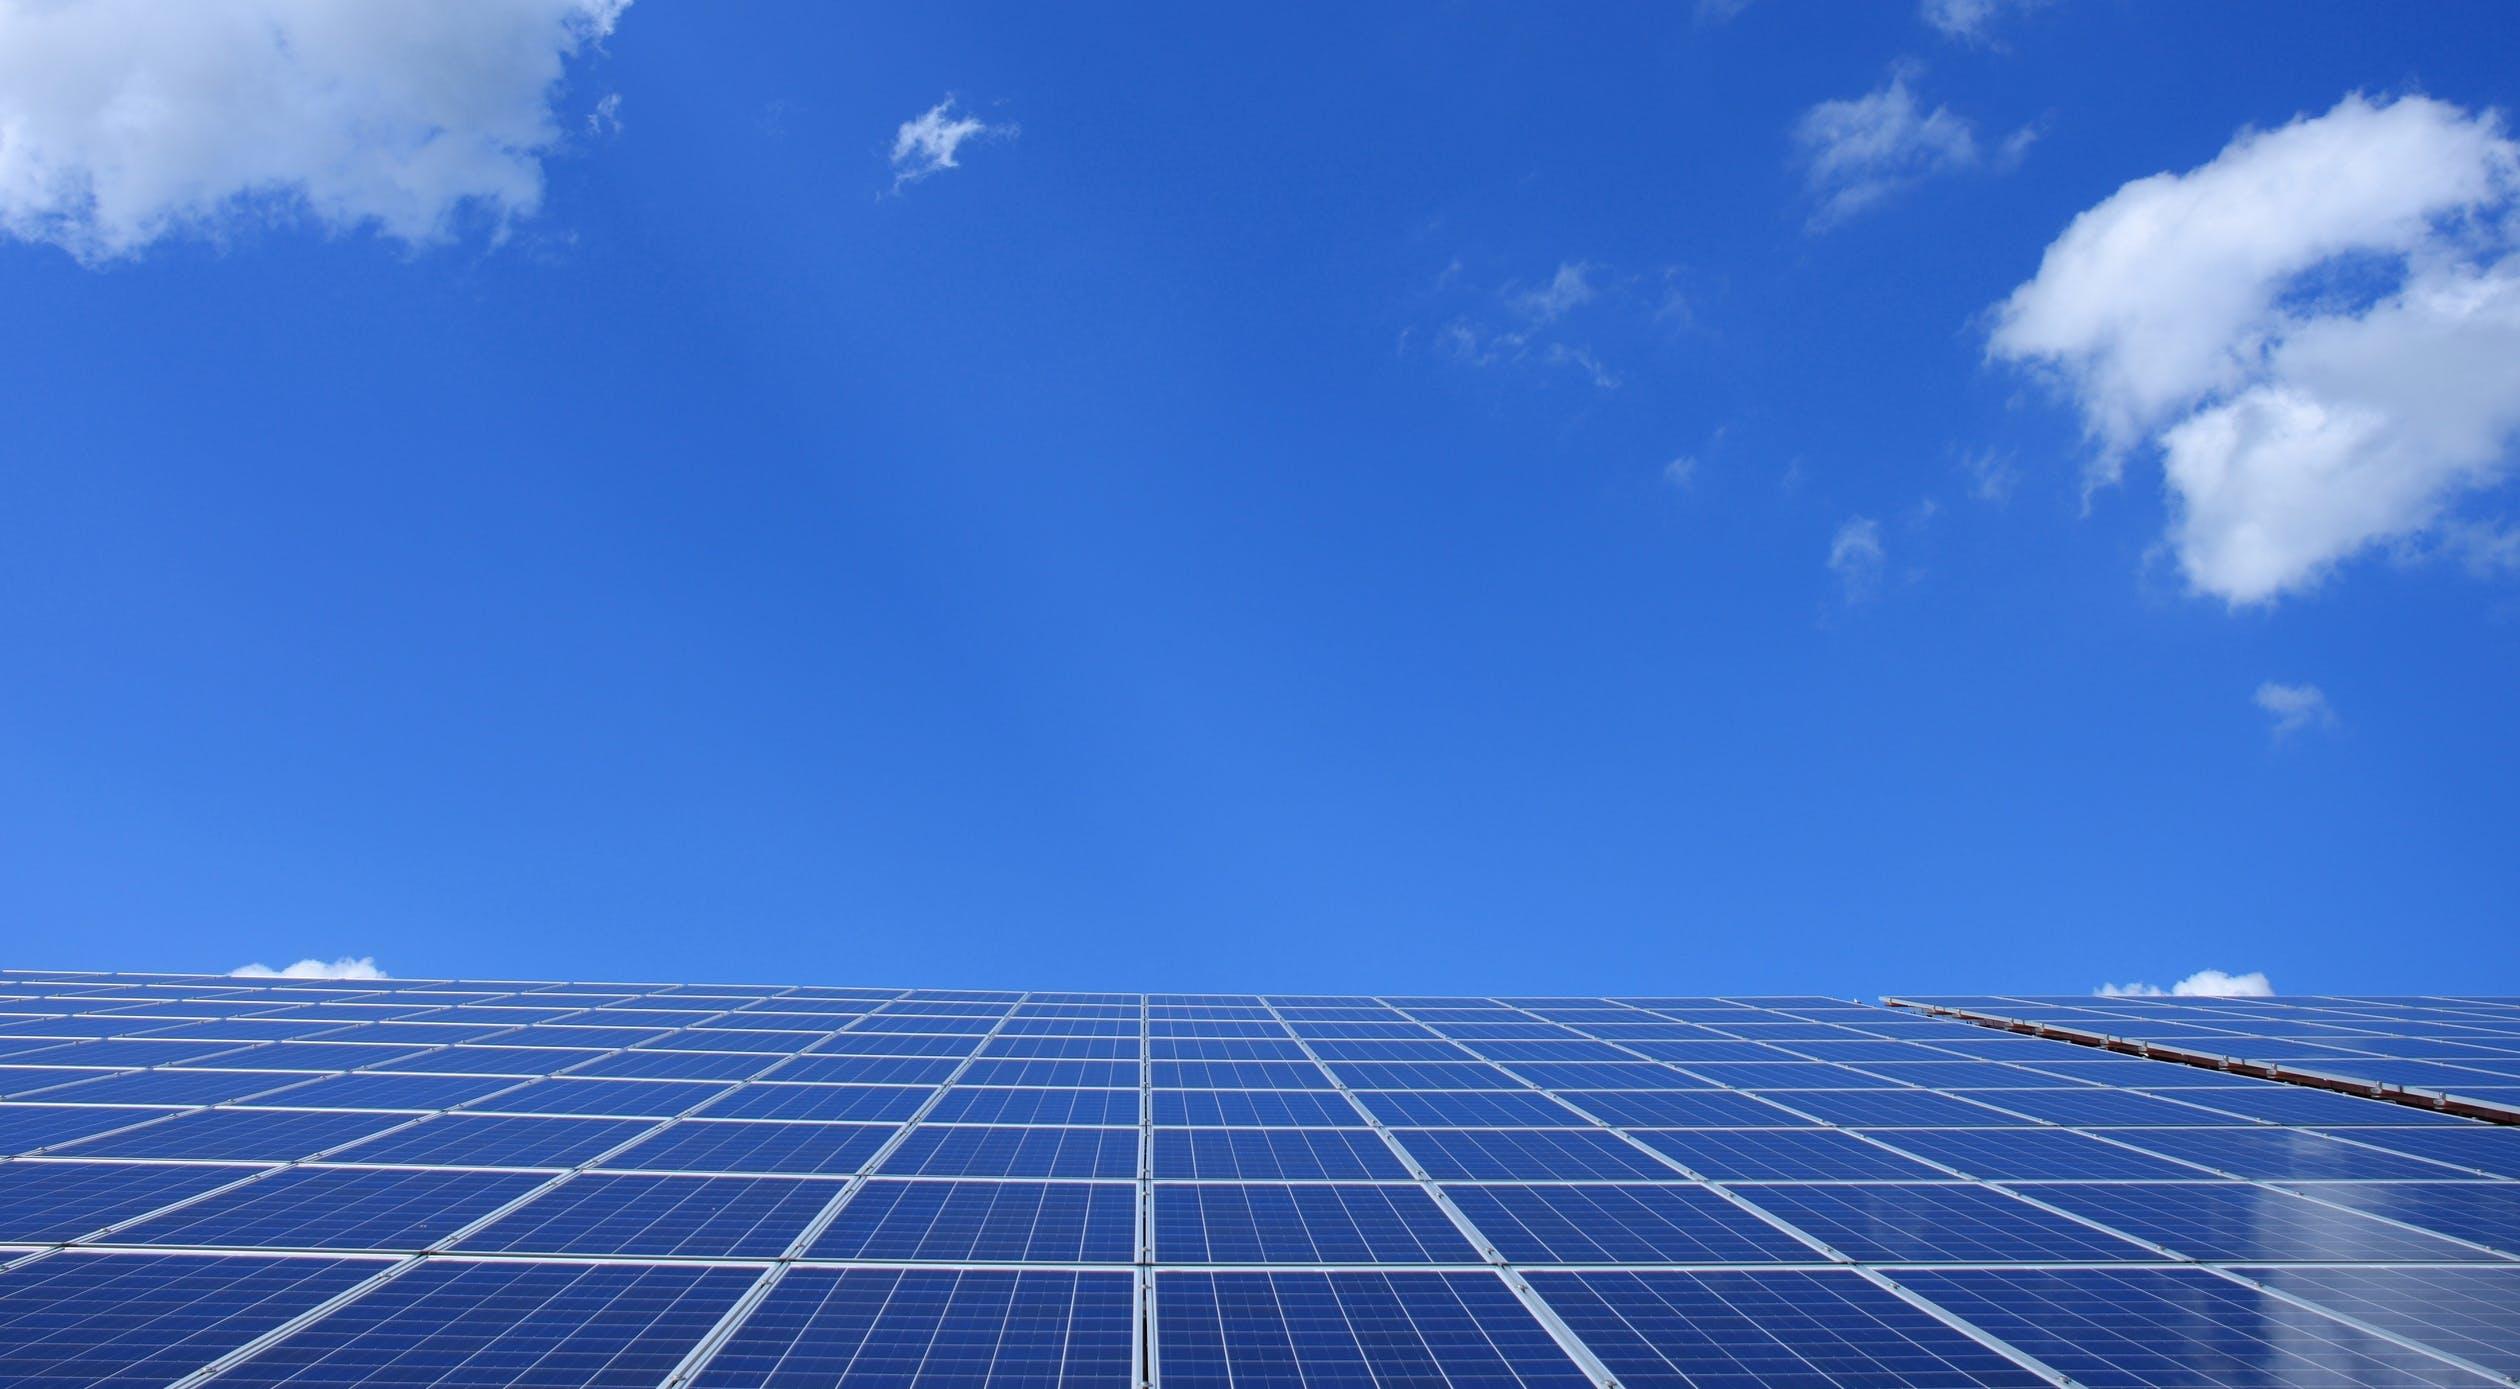 Cuánta energía pueden generar los paneles solares